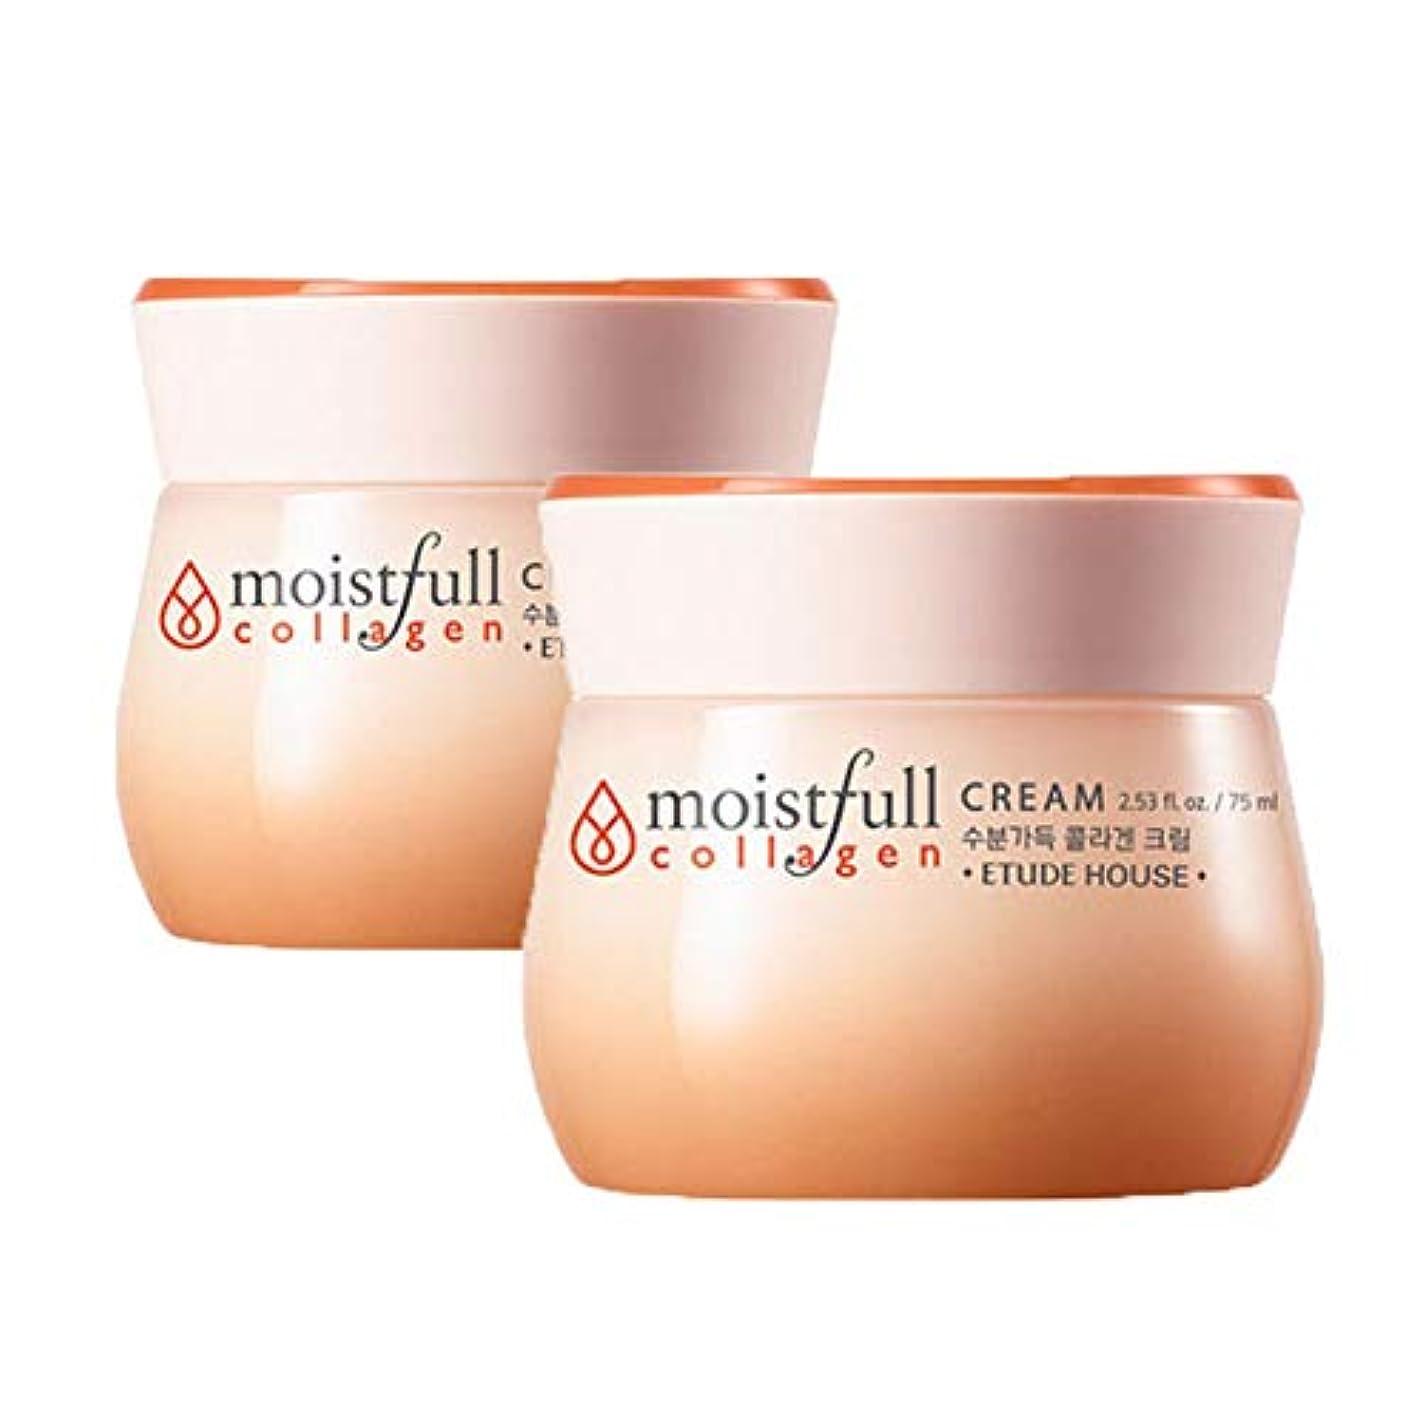 エチュードハウス水分いっぱいコラーゲンクリーム 75mlx2本セット韓国コスメ、Etude House Moistfull Collagen Cream 75ml x 2ea Set Korean Cosmetics [...